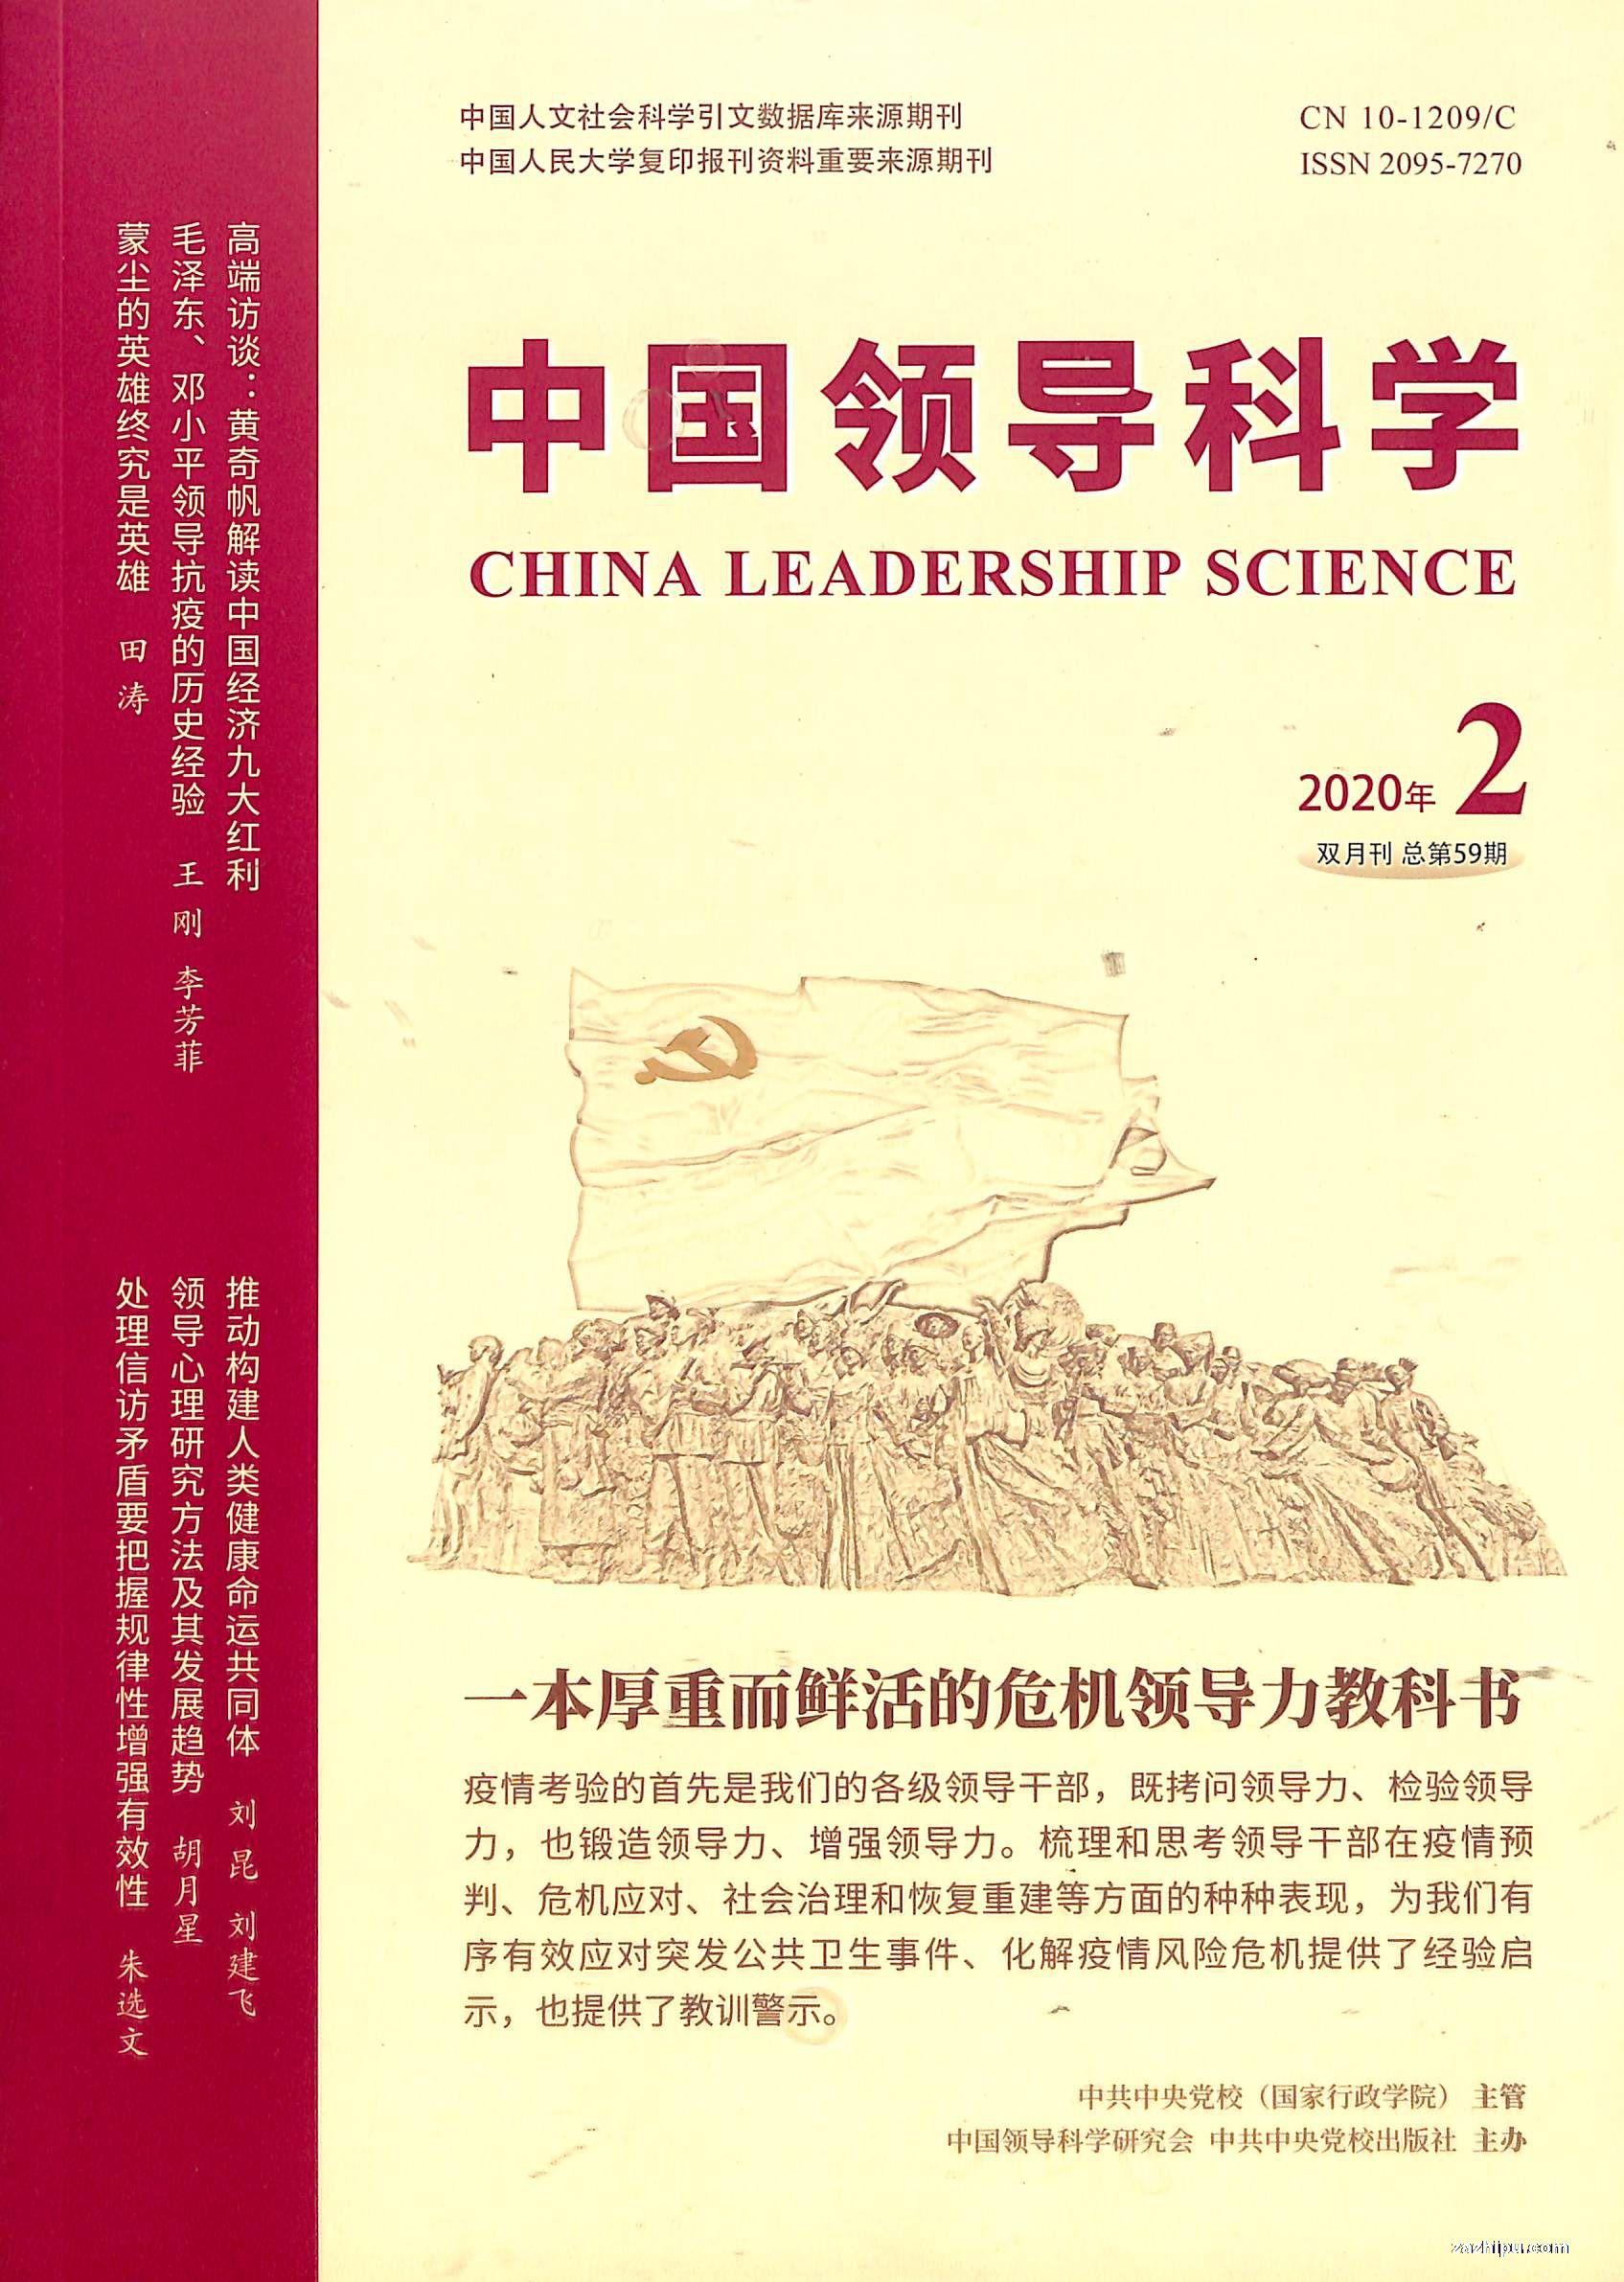 中国领导科学2020年3月期